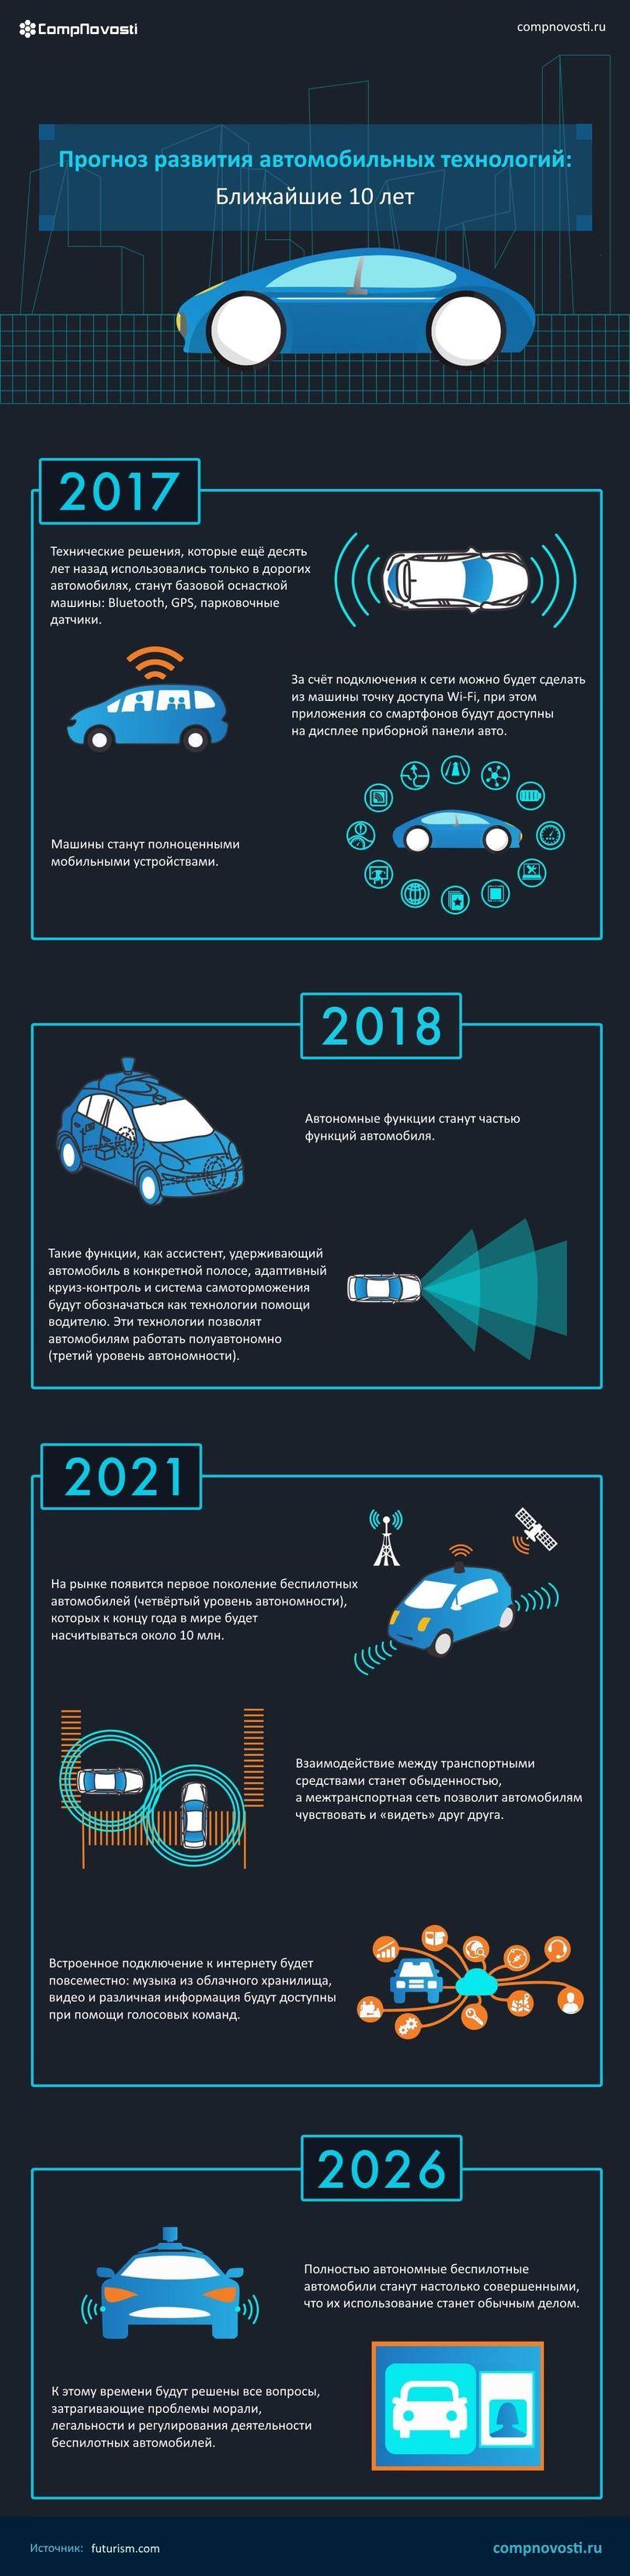 Как усовершенствуют автомобили в ближайшие 10 лет 1